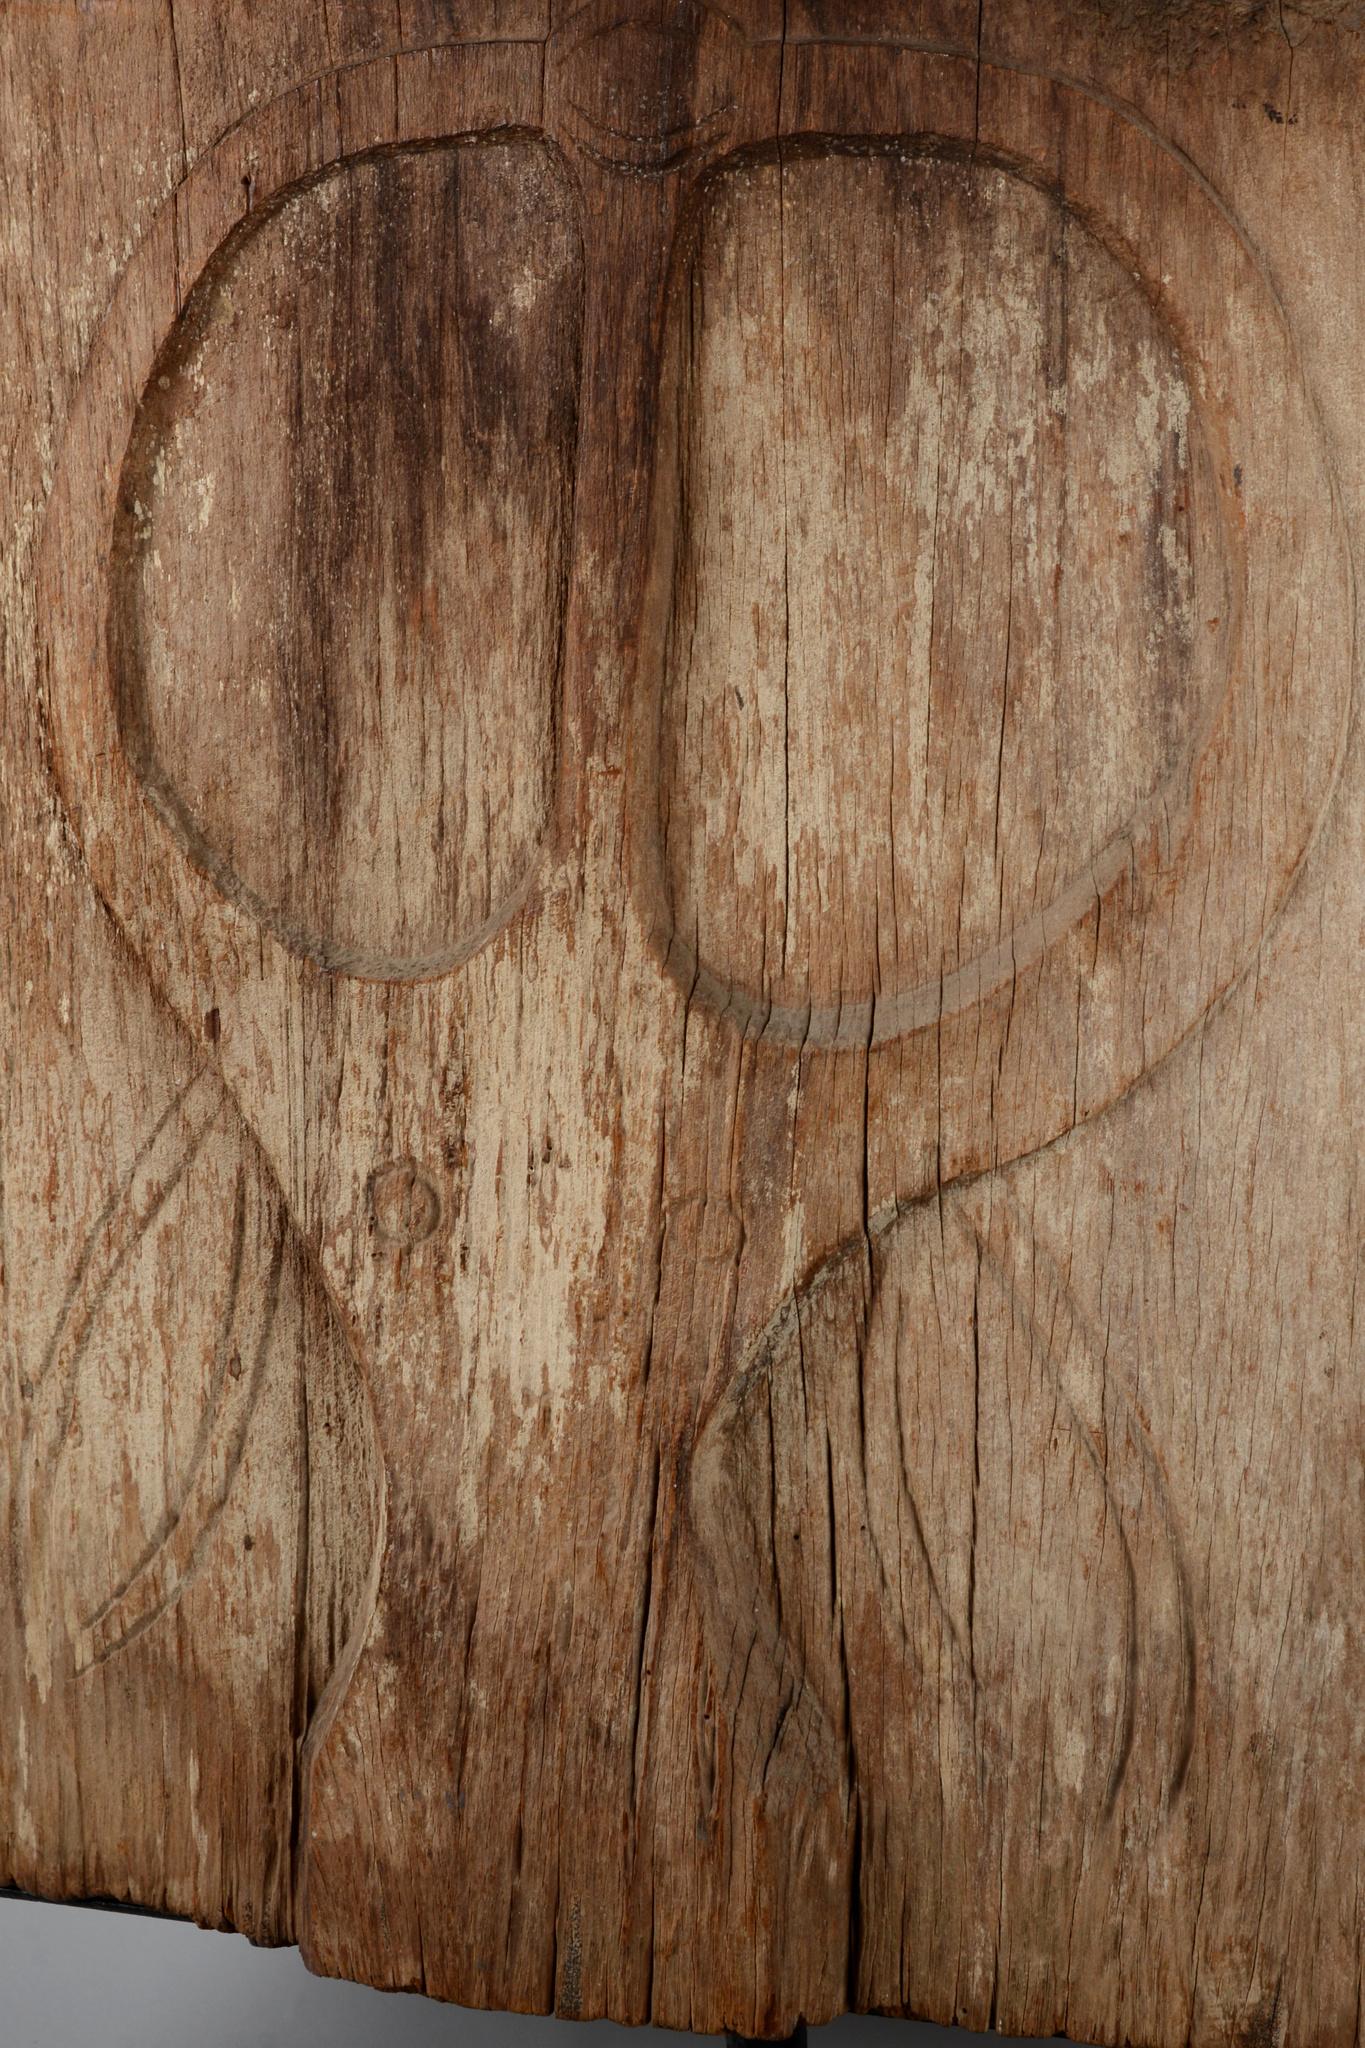 Buffalo head door